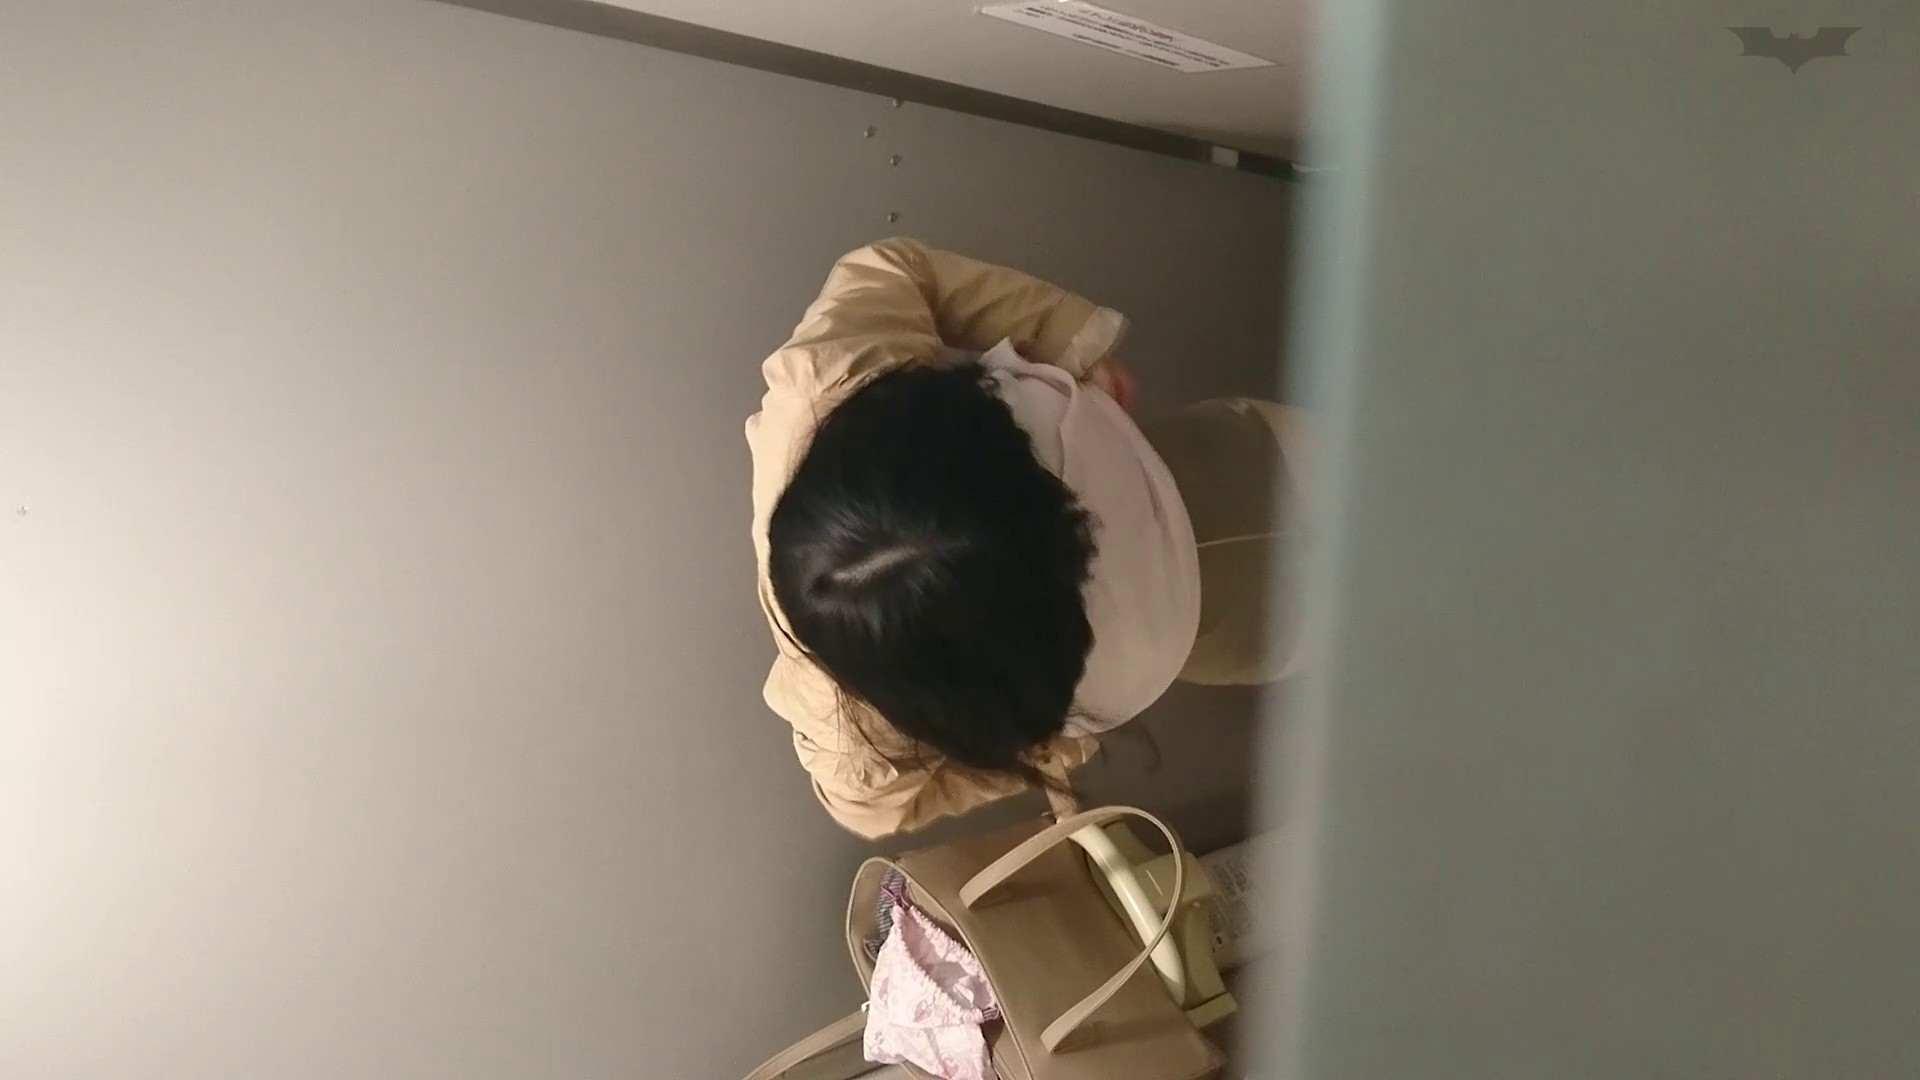 化粧室絵巻 ショッピングモール編 VOL.19 洗面所  86PIX 55